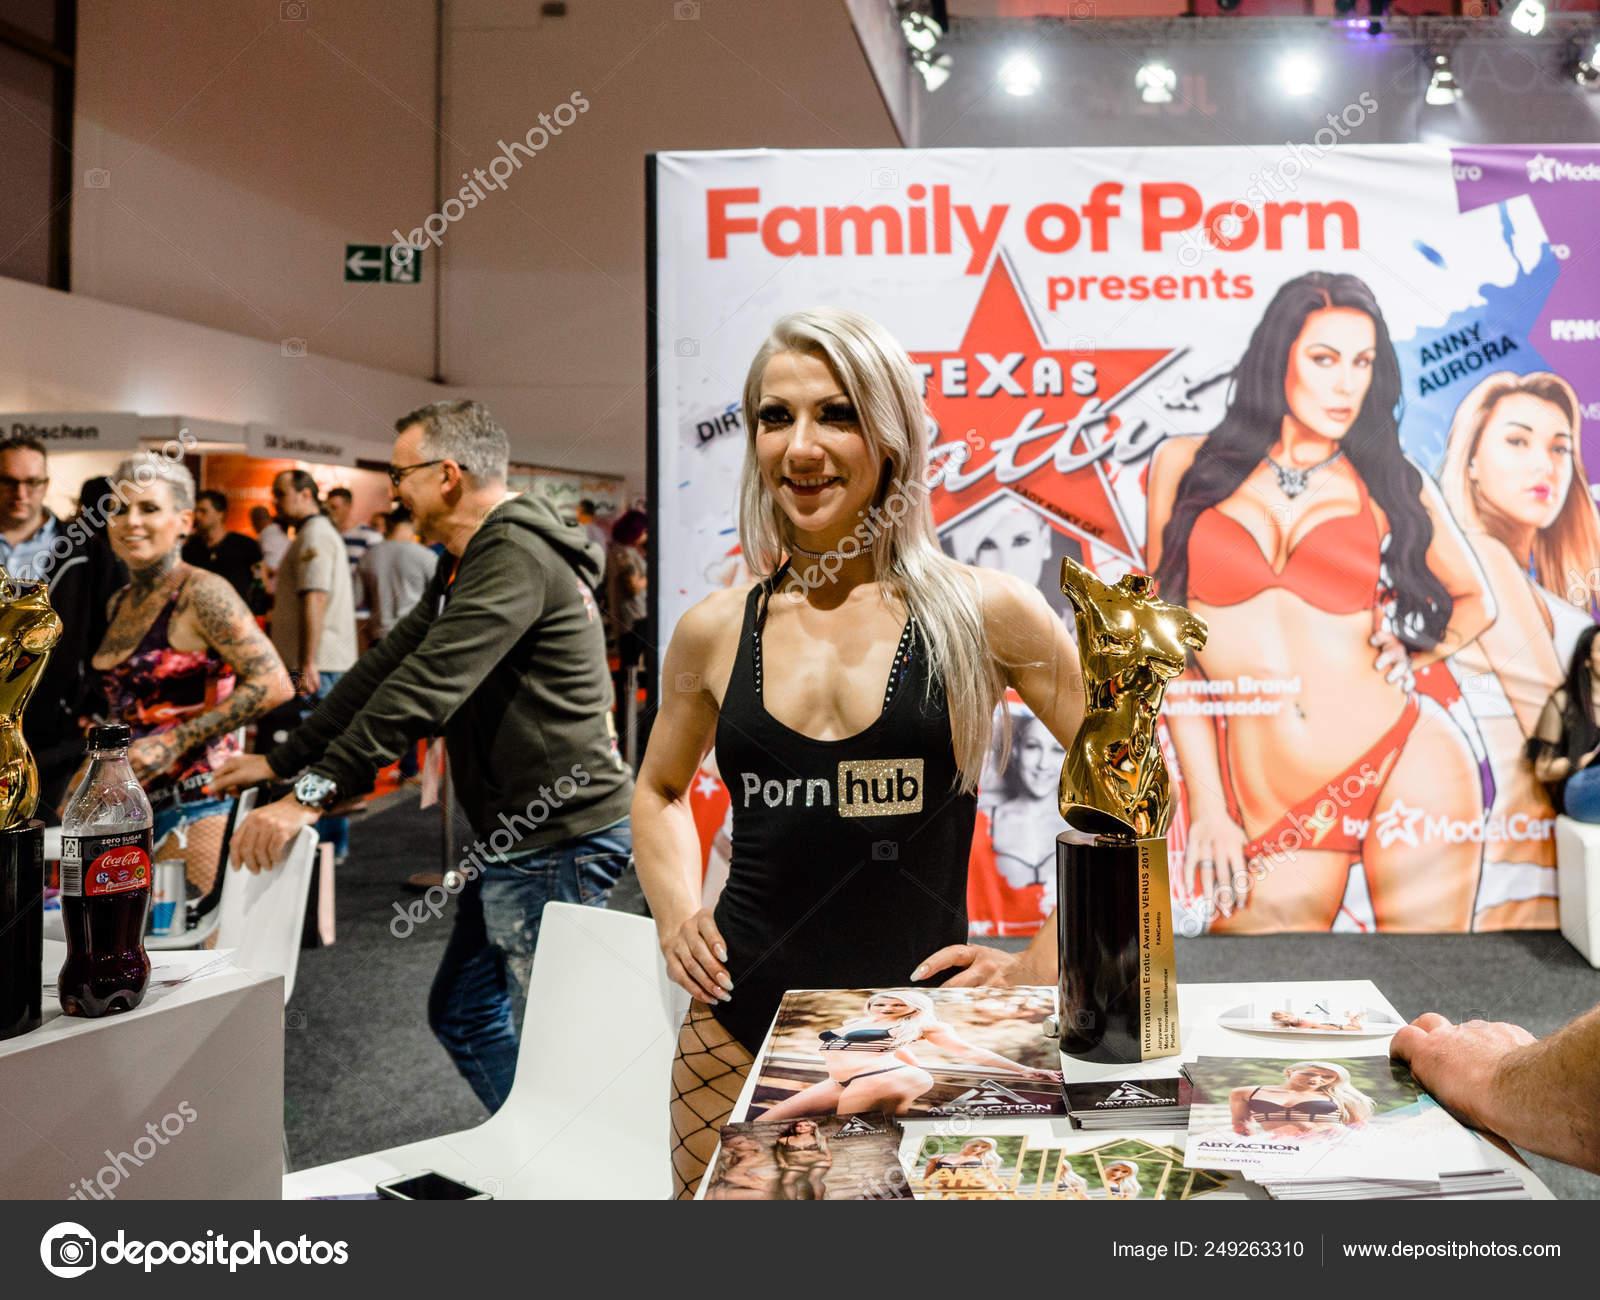 Actor Porno Filu venus berlin 2017, germany, 14 october 2017 - berlin's